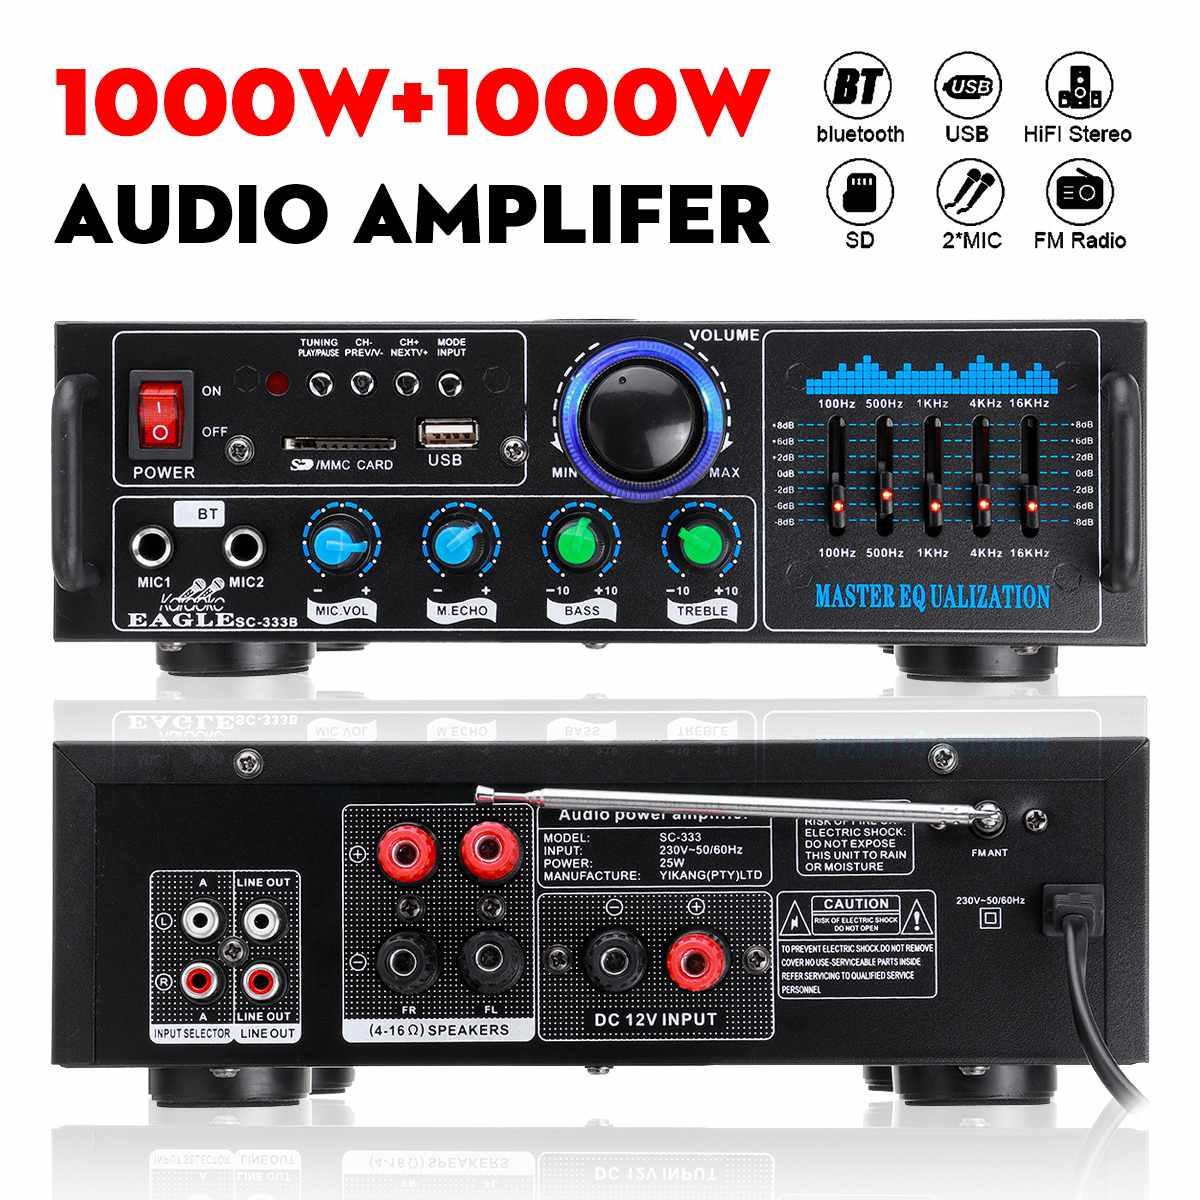 2000 واط بلوتوث مكبر صوت استيريو المحيطي جهاز دمج صوتي وظيفة FM AUX USB SD أمبير السينما المنزلية كاريوكي التحكم عن بعد مع 2Mic